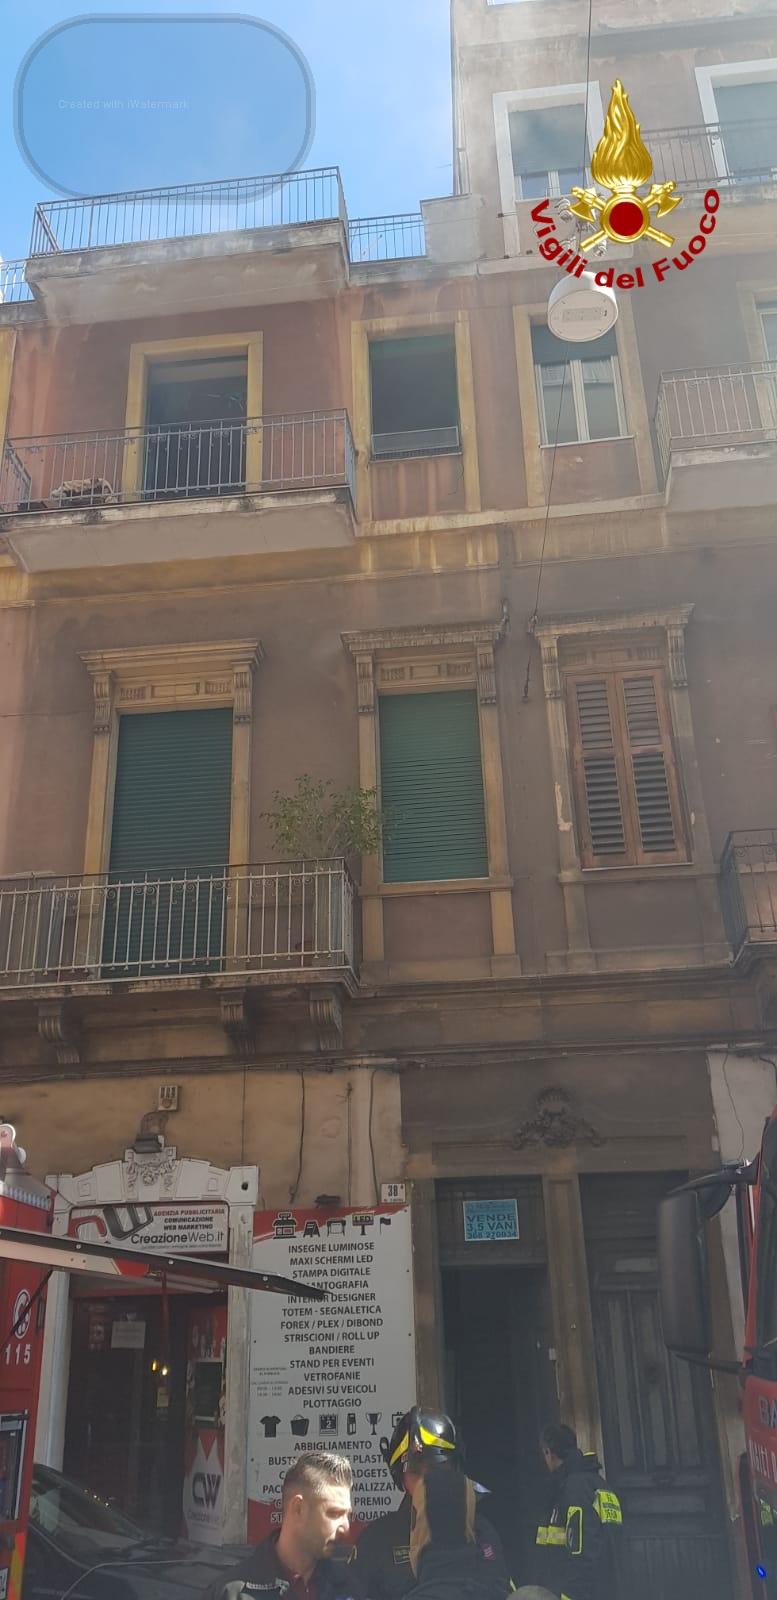 Incendio in una casa a Catania, giovane 23enne rimane ustionato